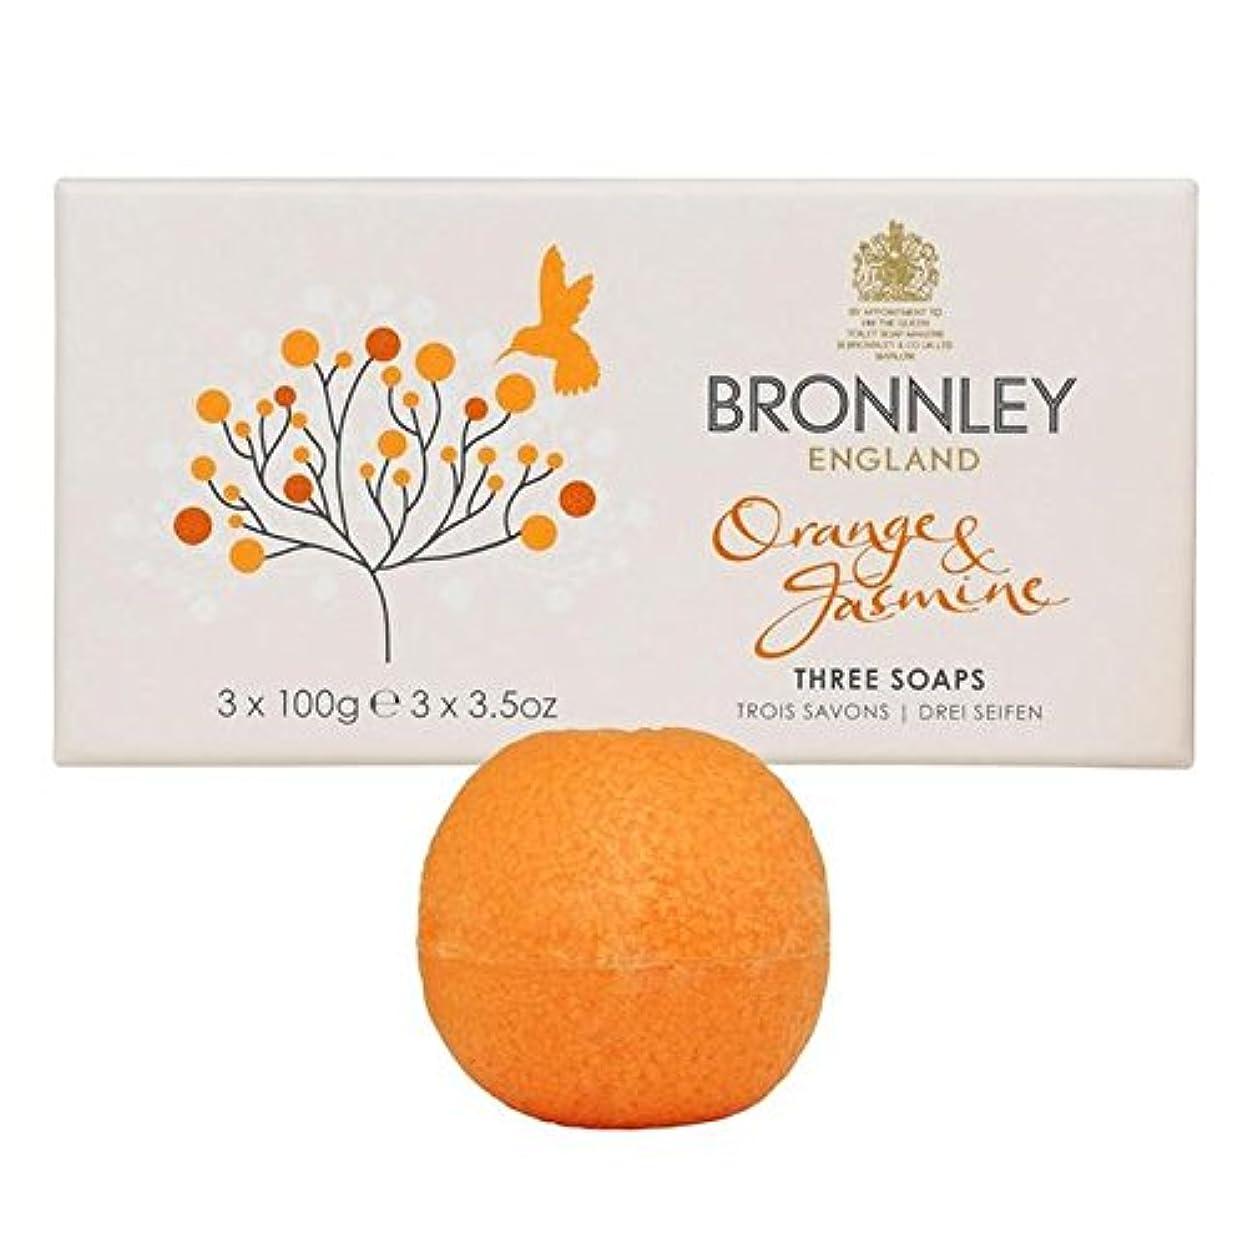 くびれた工場現象Bronnley Orange & Jasmine Soaps 3 x 100g (Pack of 6) - オレンジ&ジャスミン石鹸3×100グラム x6 [並行輸入品]